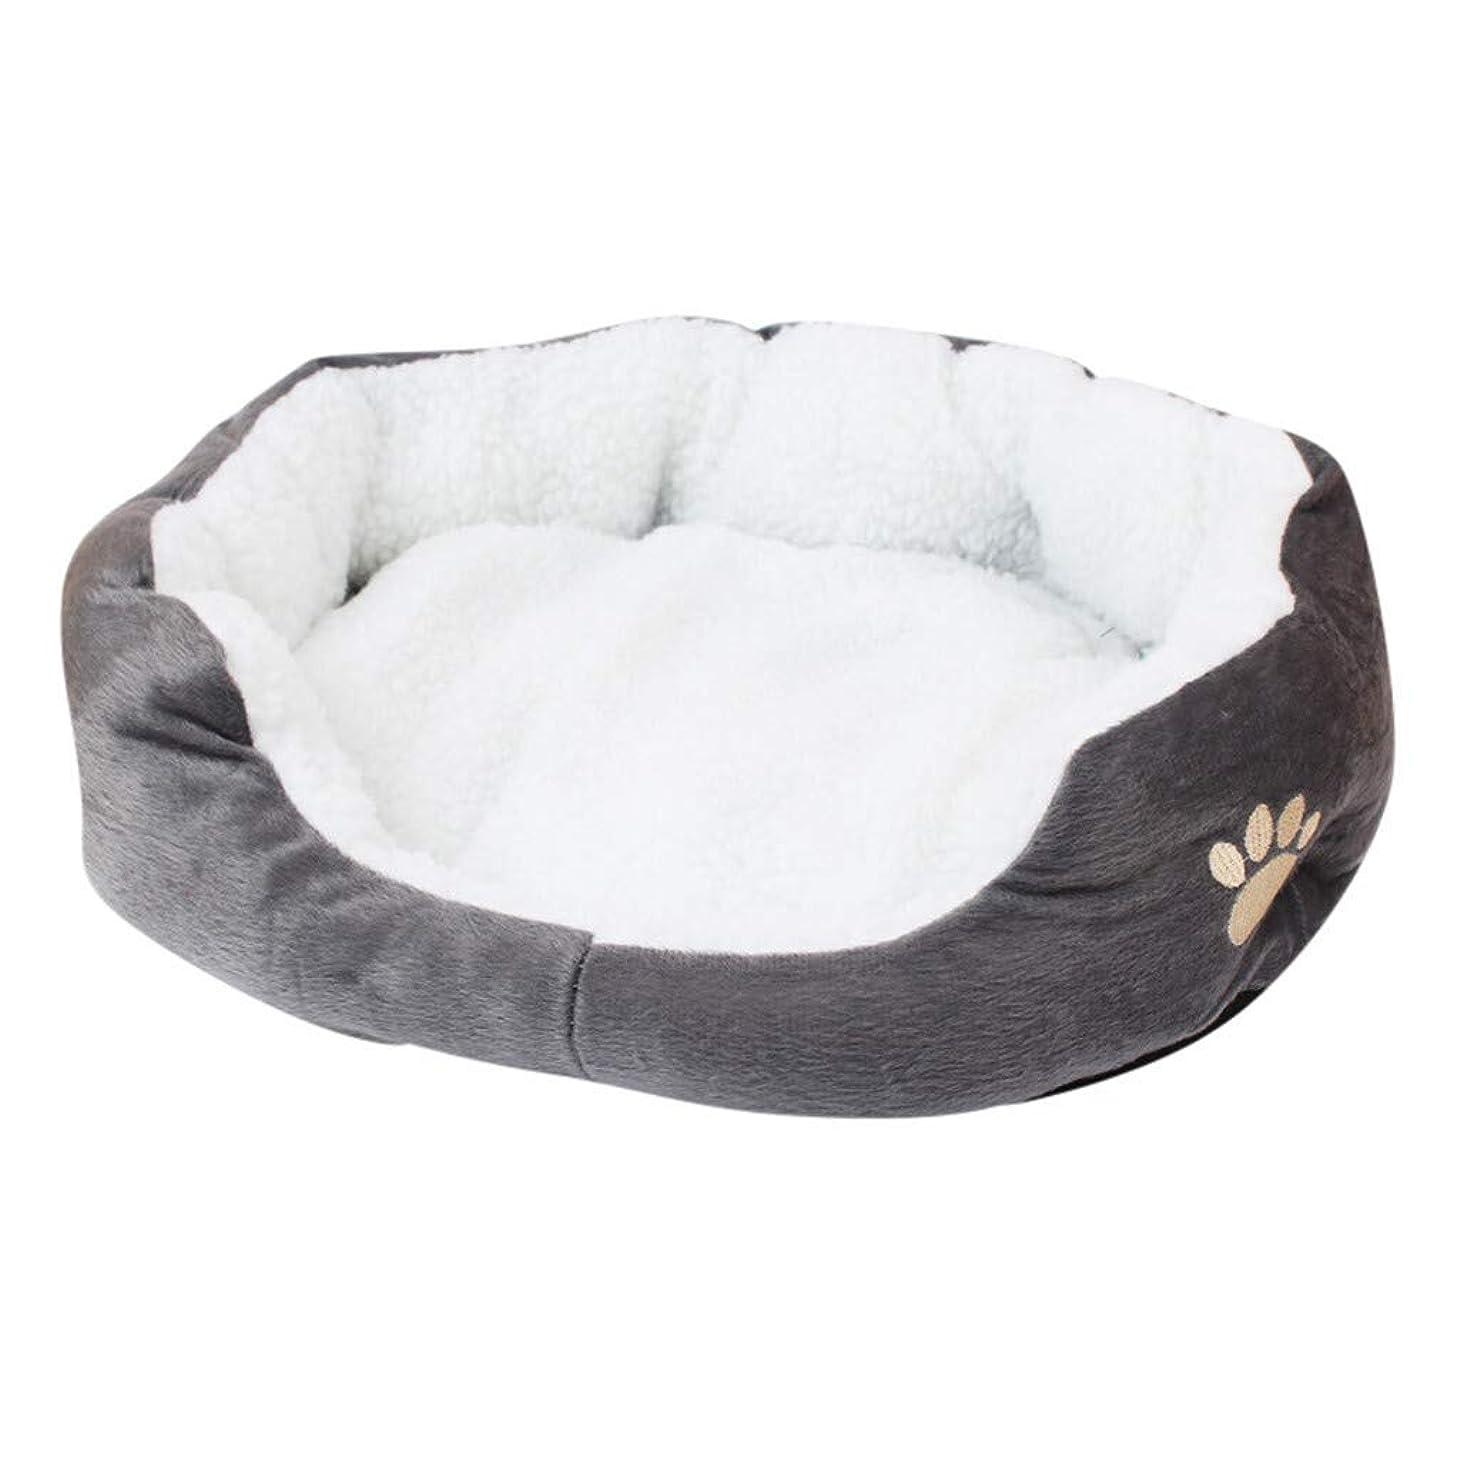 クライストチャーチのため君主TCSPD ペット犬子犬猫フリース暖かいベッドハウスぬいぐるみコージー巣マットパッドペットハウスベッドソファバッグ冬の巣の犬小屋犬パッドスリーピング (色 : グレー)